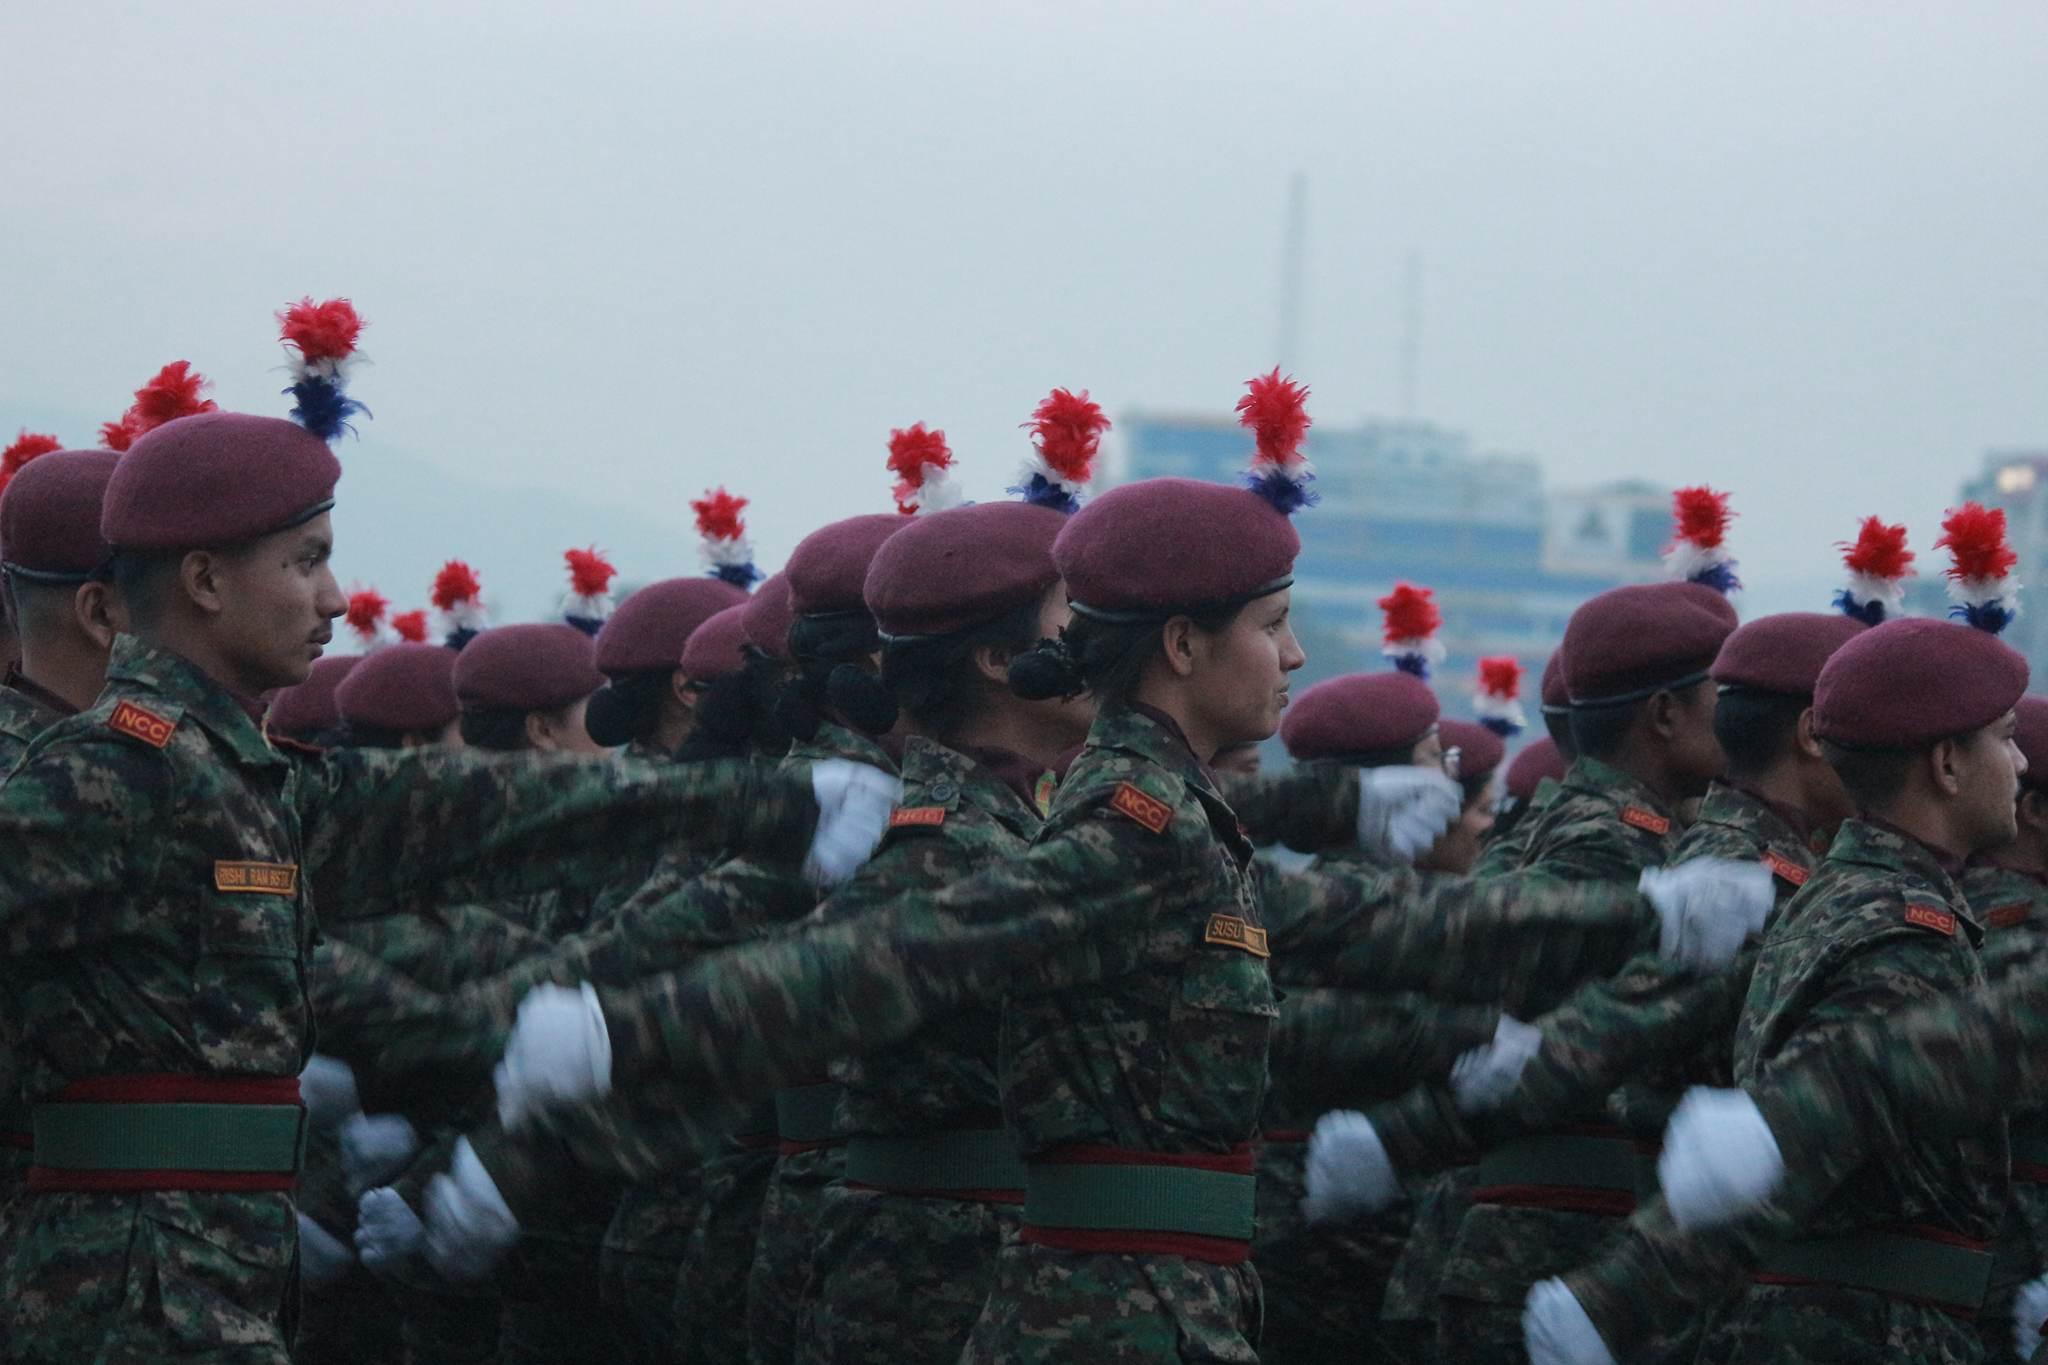 सेना दिवसको अवसरमा काठमाडौंमा गरिएको कार्यक्रममा सहभागी परेड खेल्दै नेपाली सेना । तस्बिर, बाह्रखरी